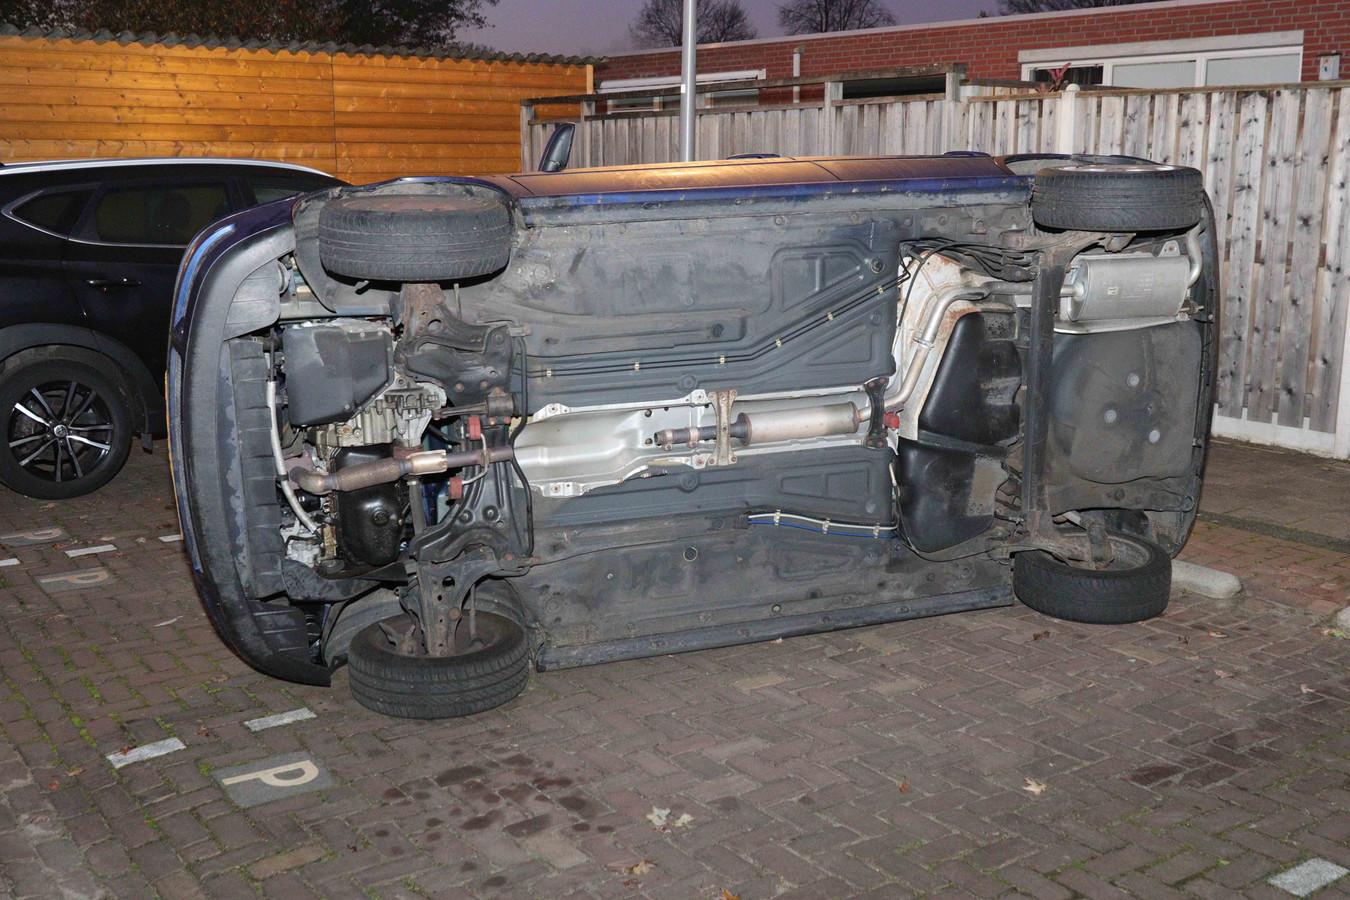 Deze auto werd door dieven op zijn kant geduwd vanwege de diefstal van een katalysator